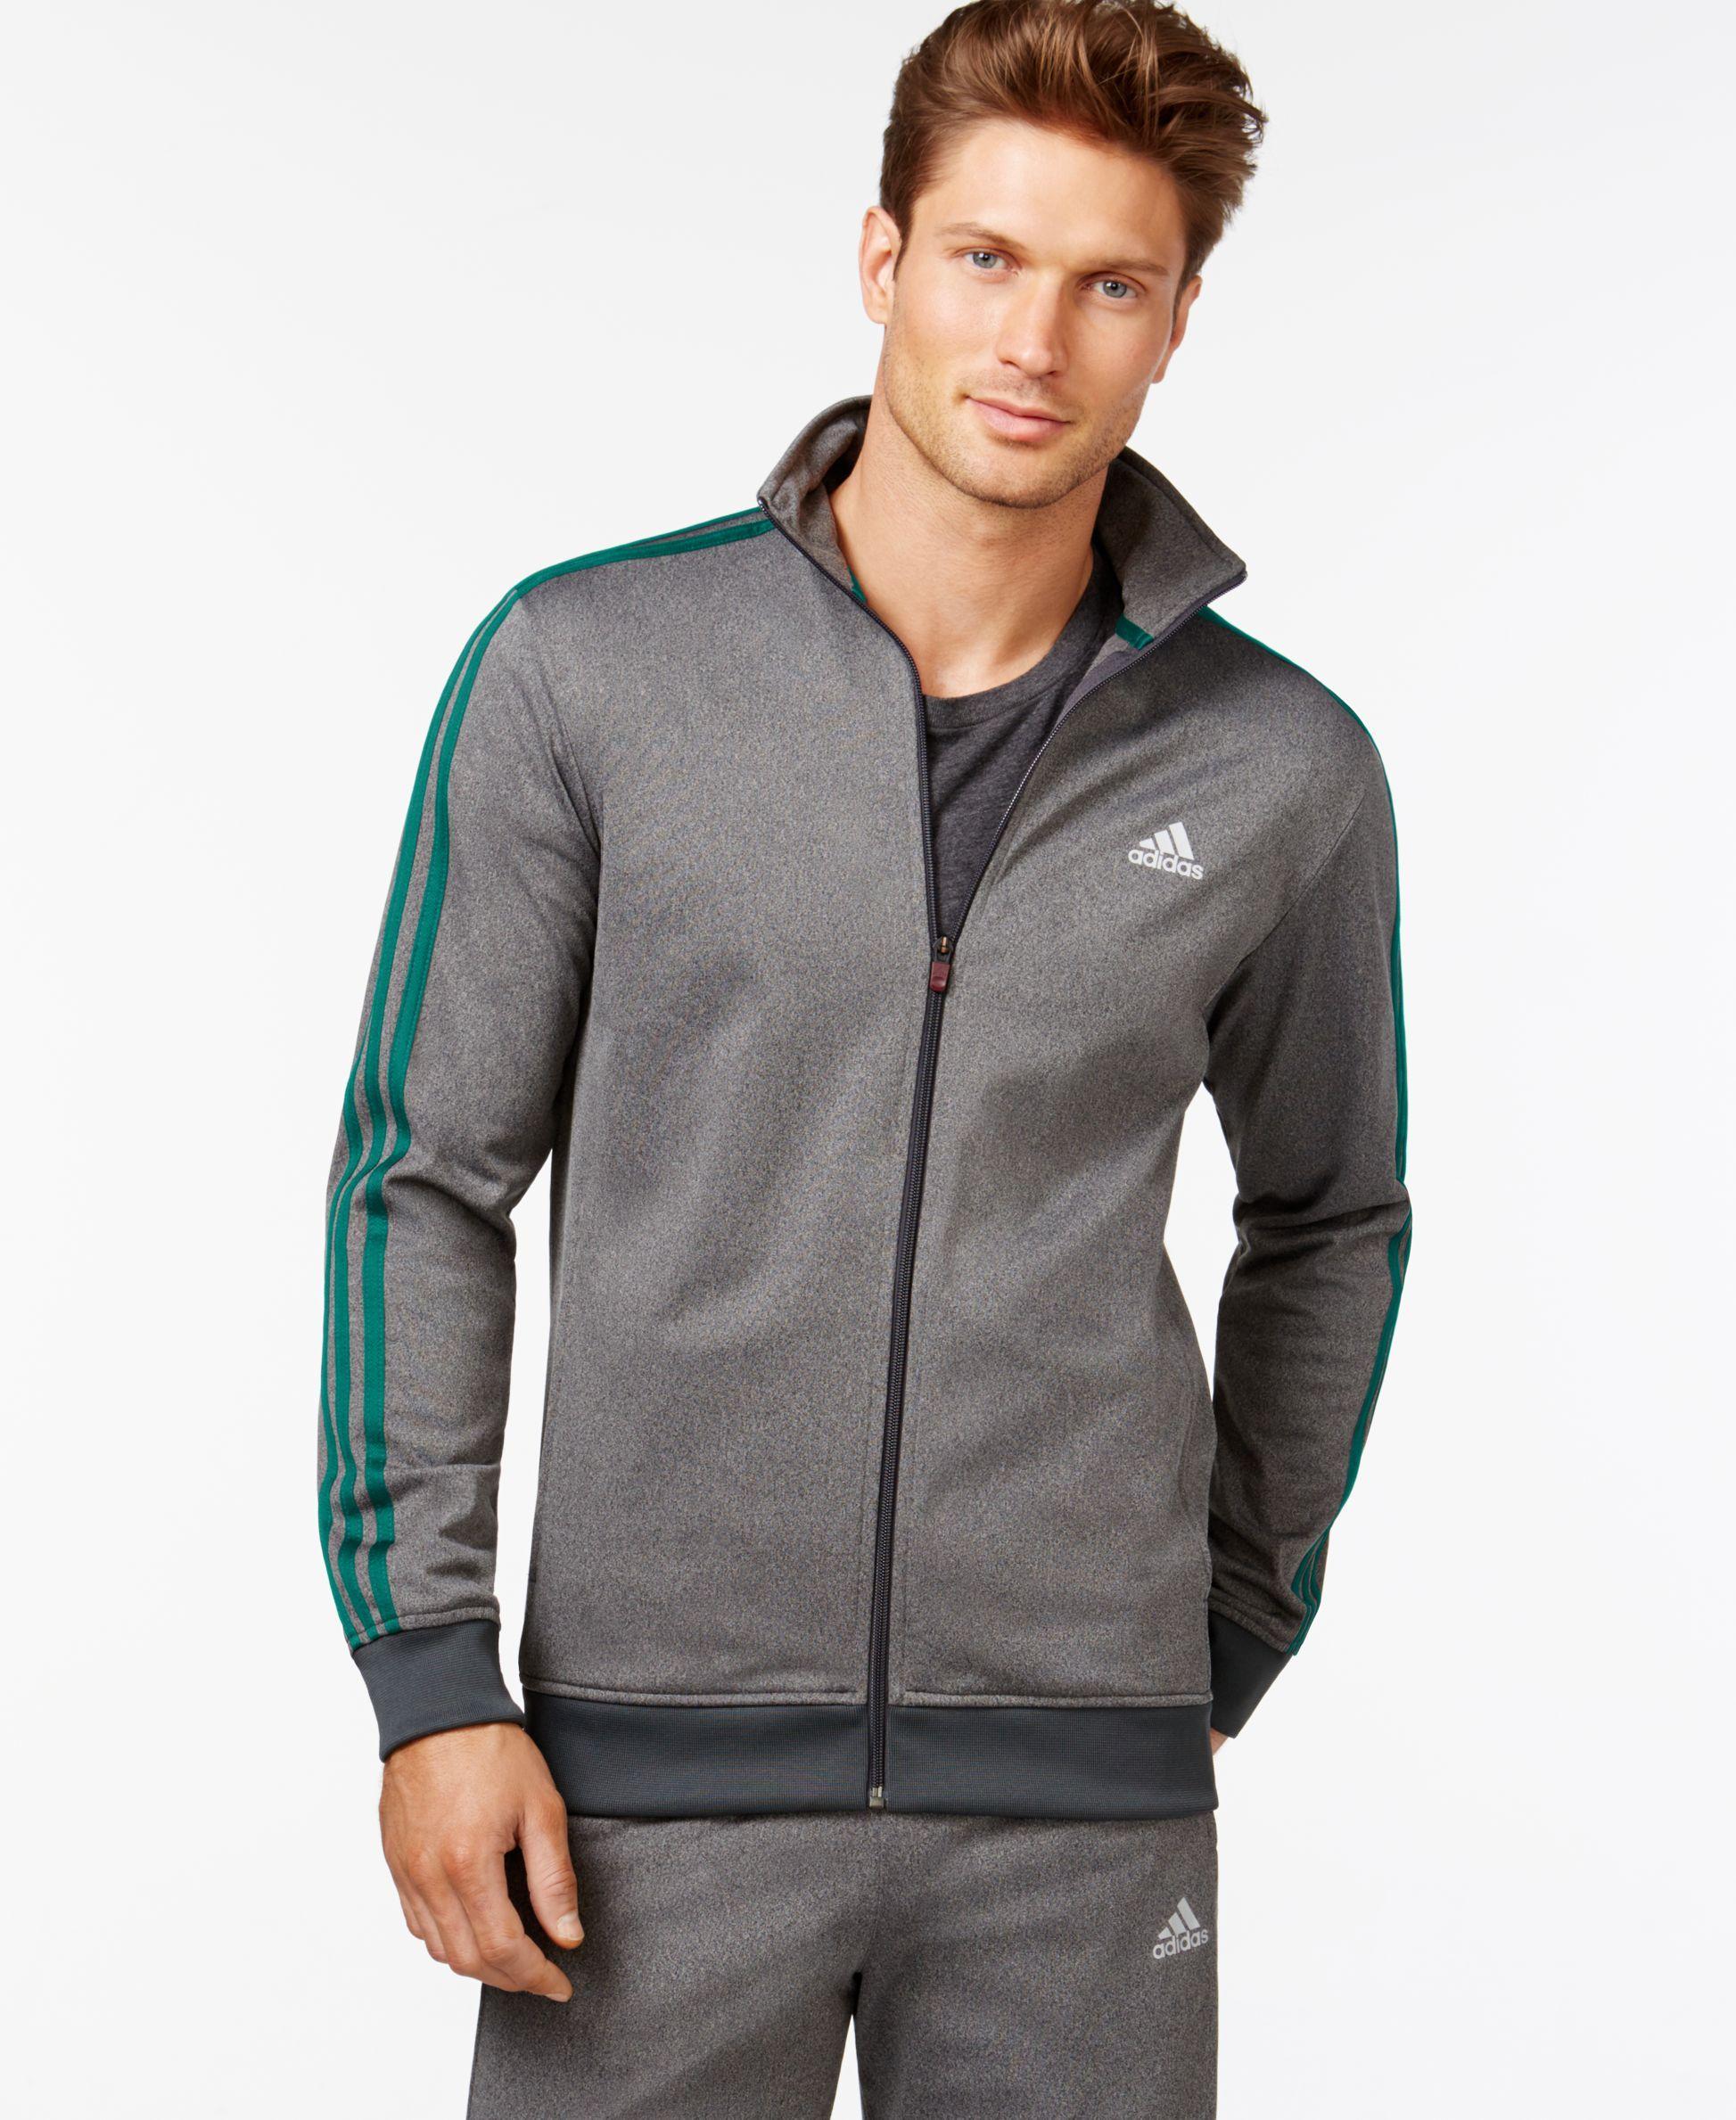 7a63cf437d3a adidas Men s Tricot Full-Zip Track Jacket